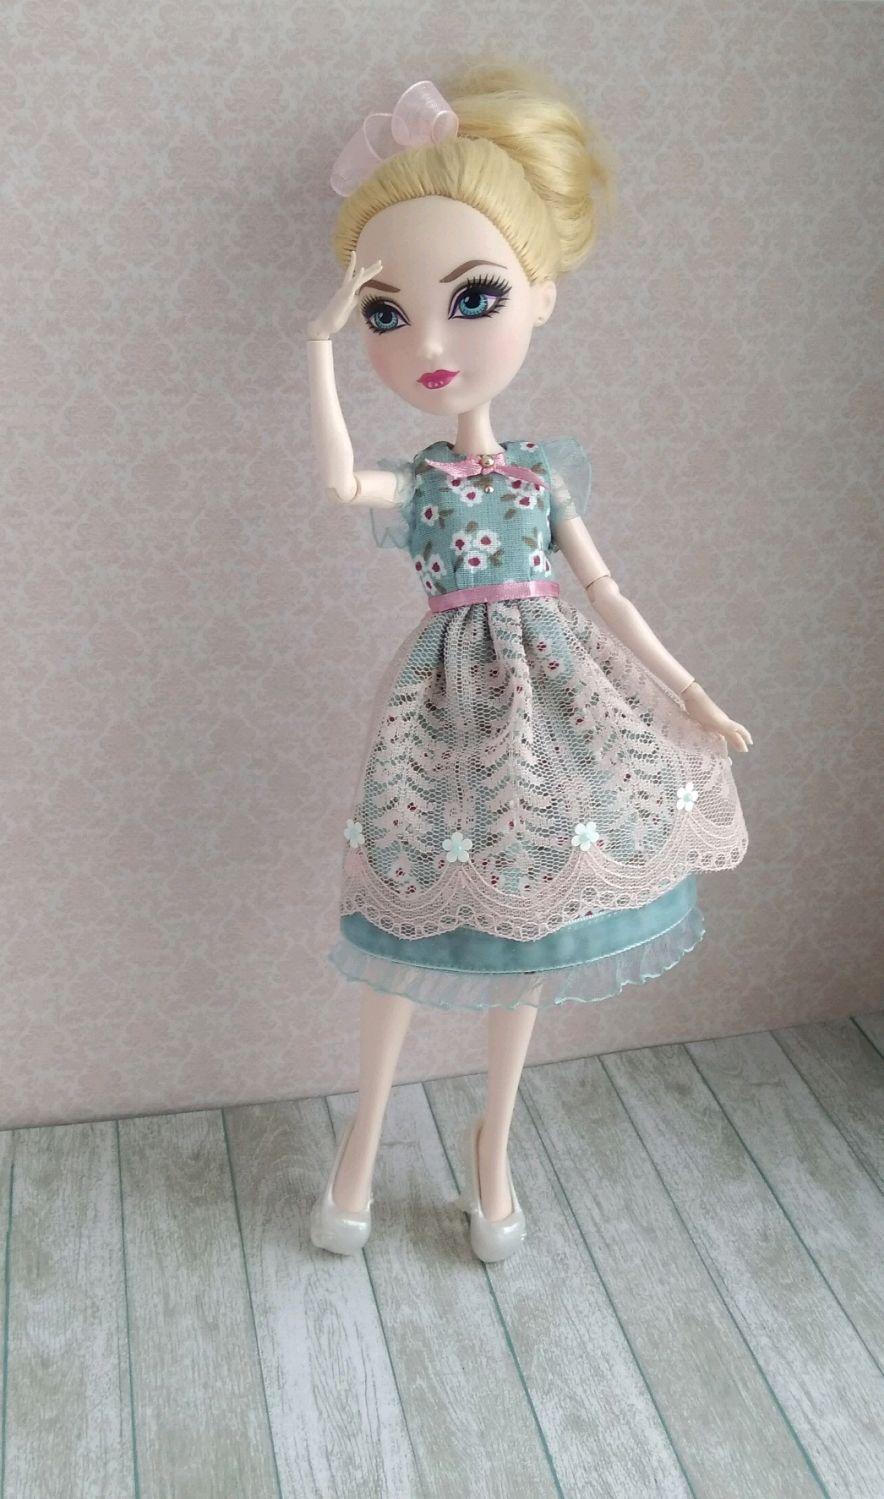 Одежда для кукол ручной работы. Ярмарка Мастеров - ручная работа. Купить  Архив - Платье ... c73bec7c9b7